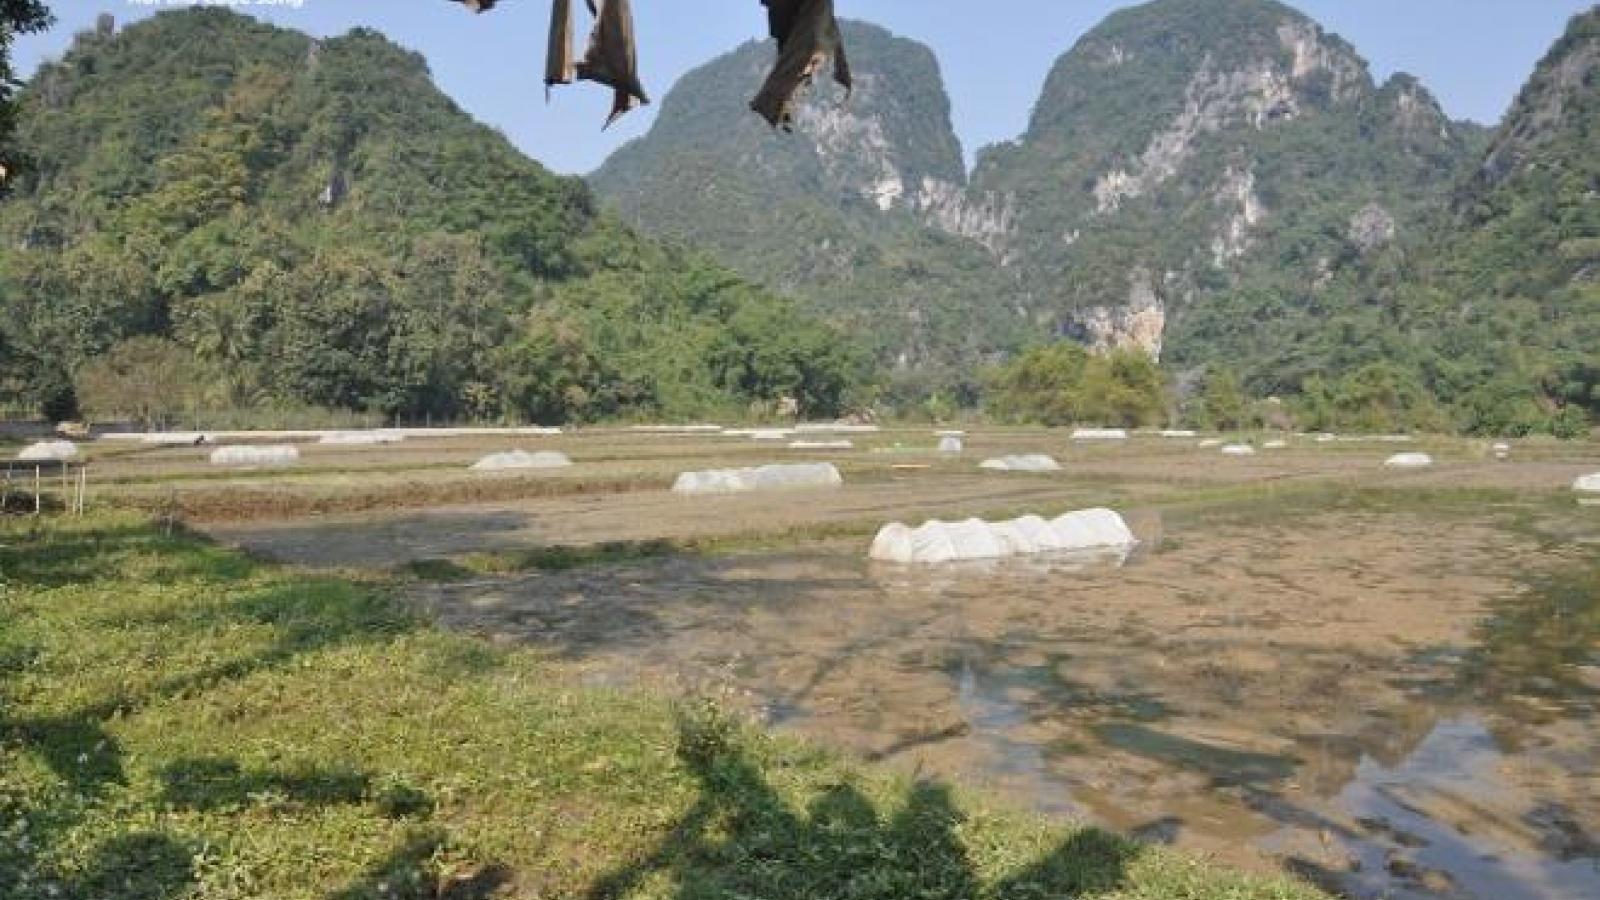 Sửa đường vùi lấp kênh mương, 24 ha đất trồng lúa ở Thanh Hóa thiếu nước